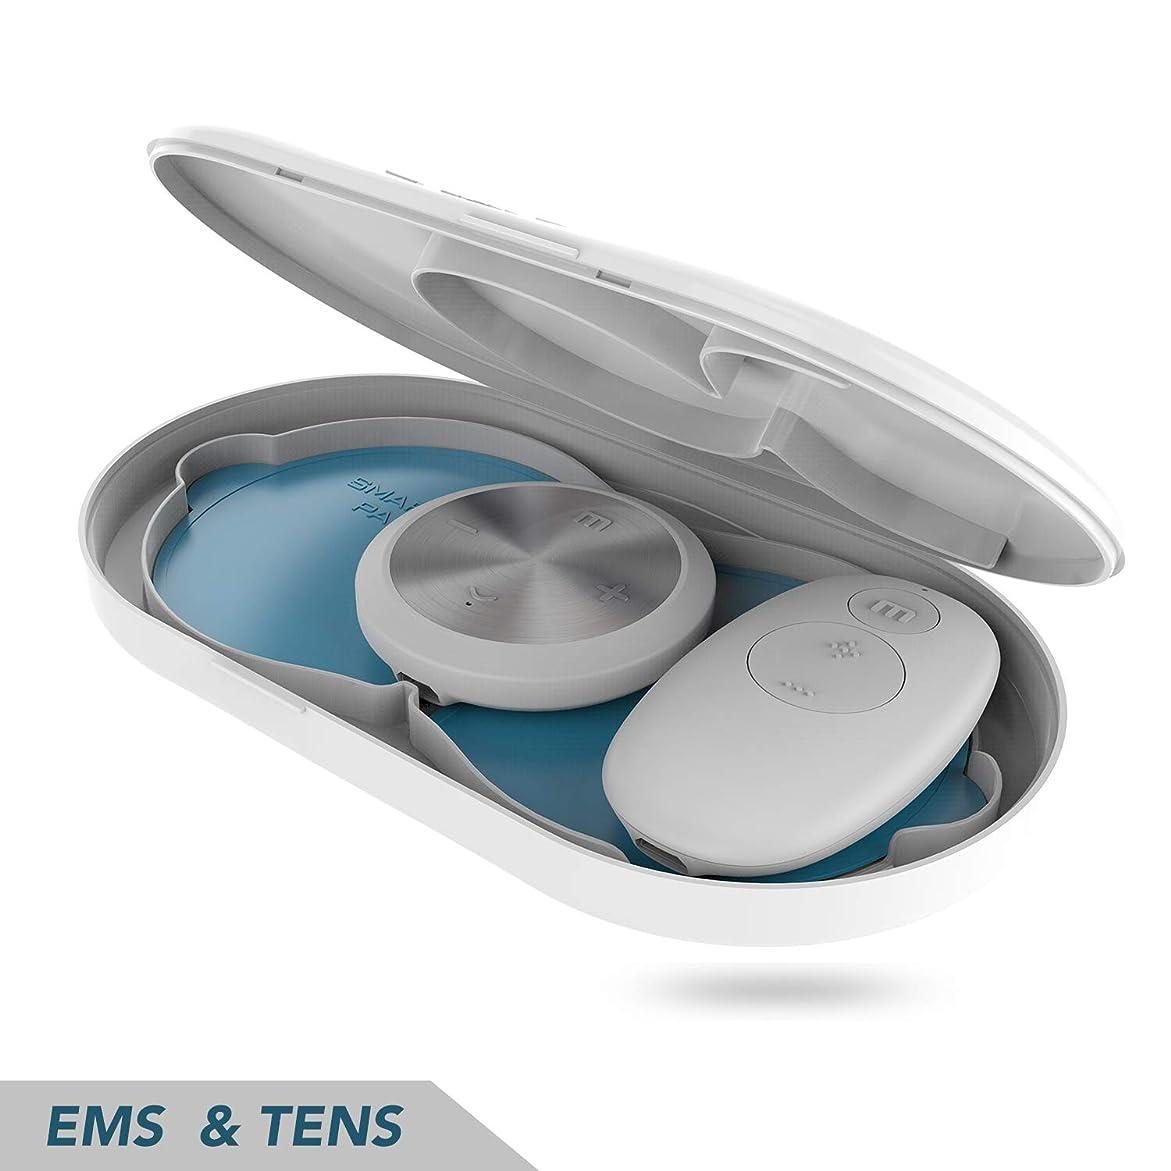 不条理重要な役割を果たす、中心的な手段となる極地TENS & EMSフィットネスマシン マッサージ器 ダイエット セルライト除去 家庭用 体型鍛錬 パルス刺激 筋力トレーニング 太ももフィット 腹部フィット